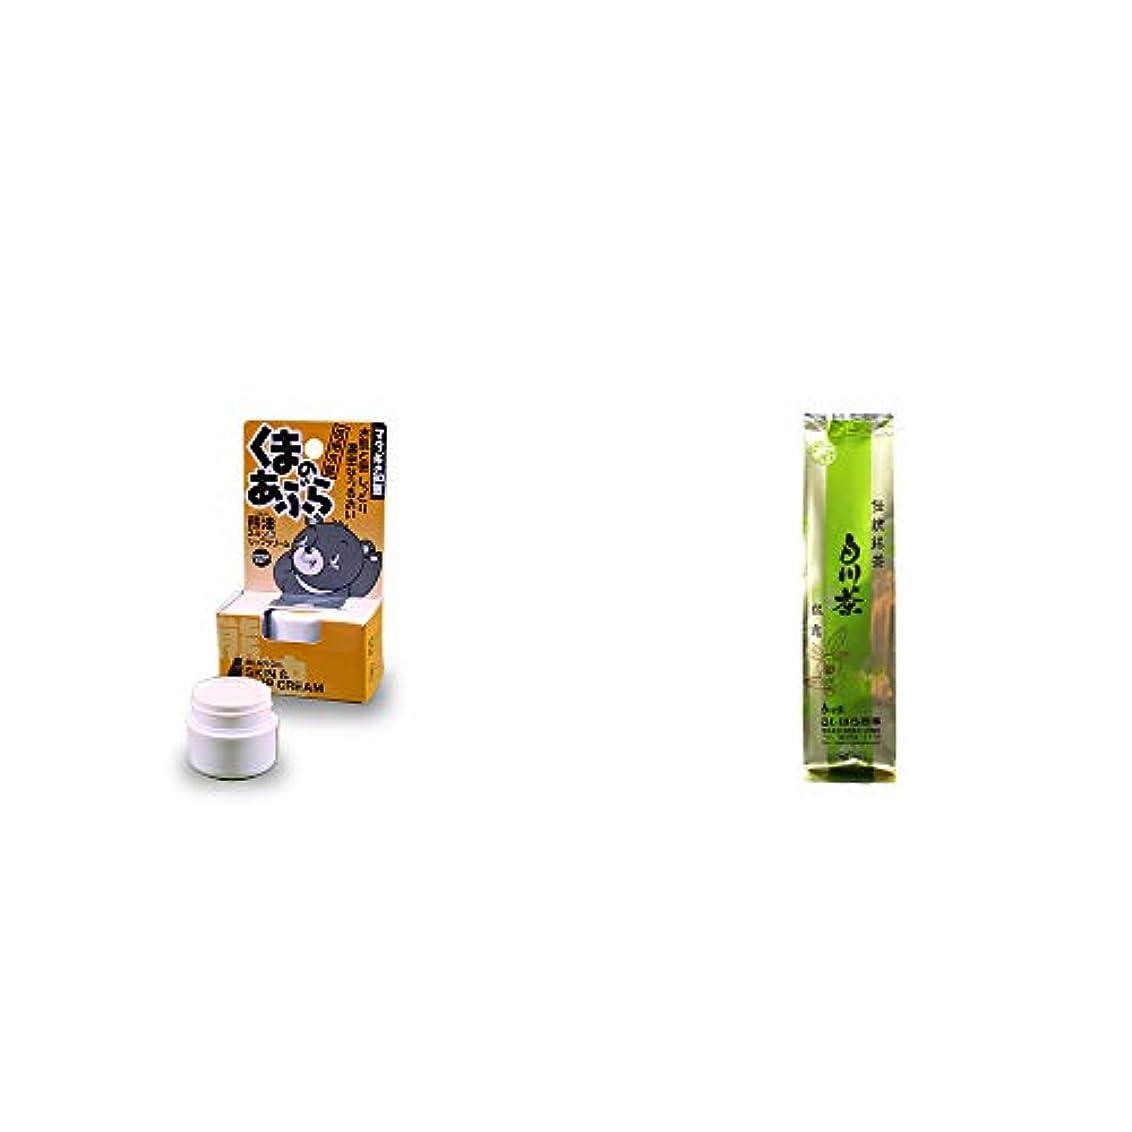 [2点セット] 信州木曽 くまのあぶら 熊油スキン&リップクリーム(9g)?白川茶 伝統銘茶【松露】(180g)